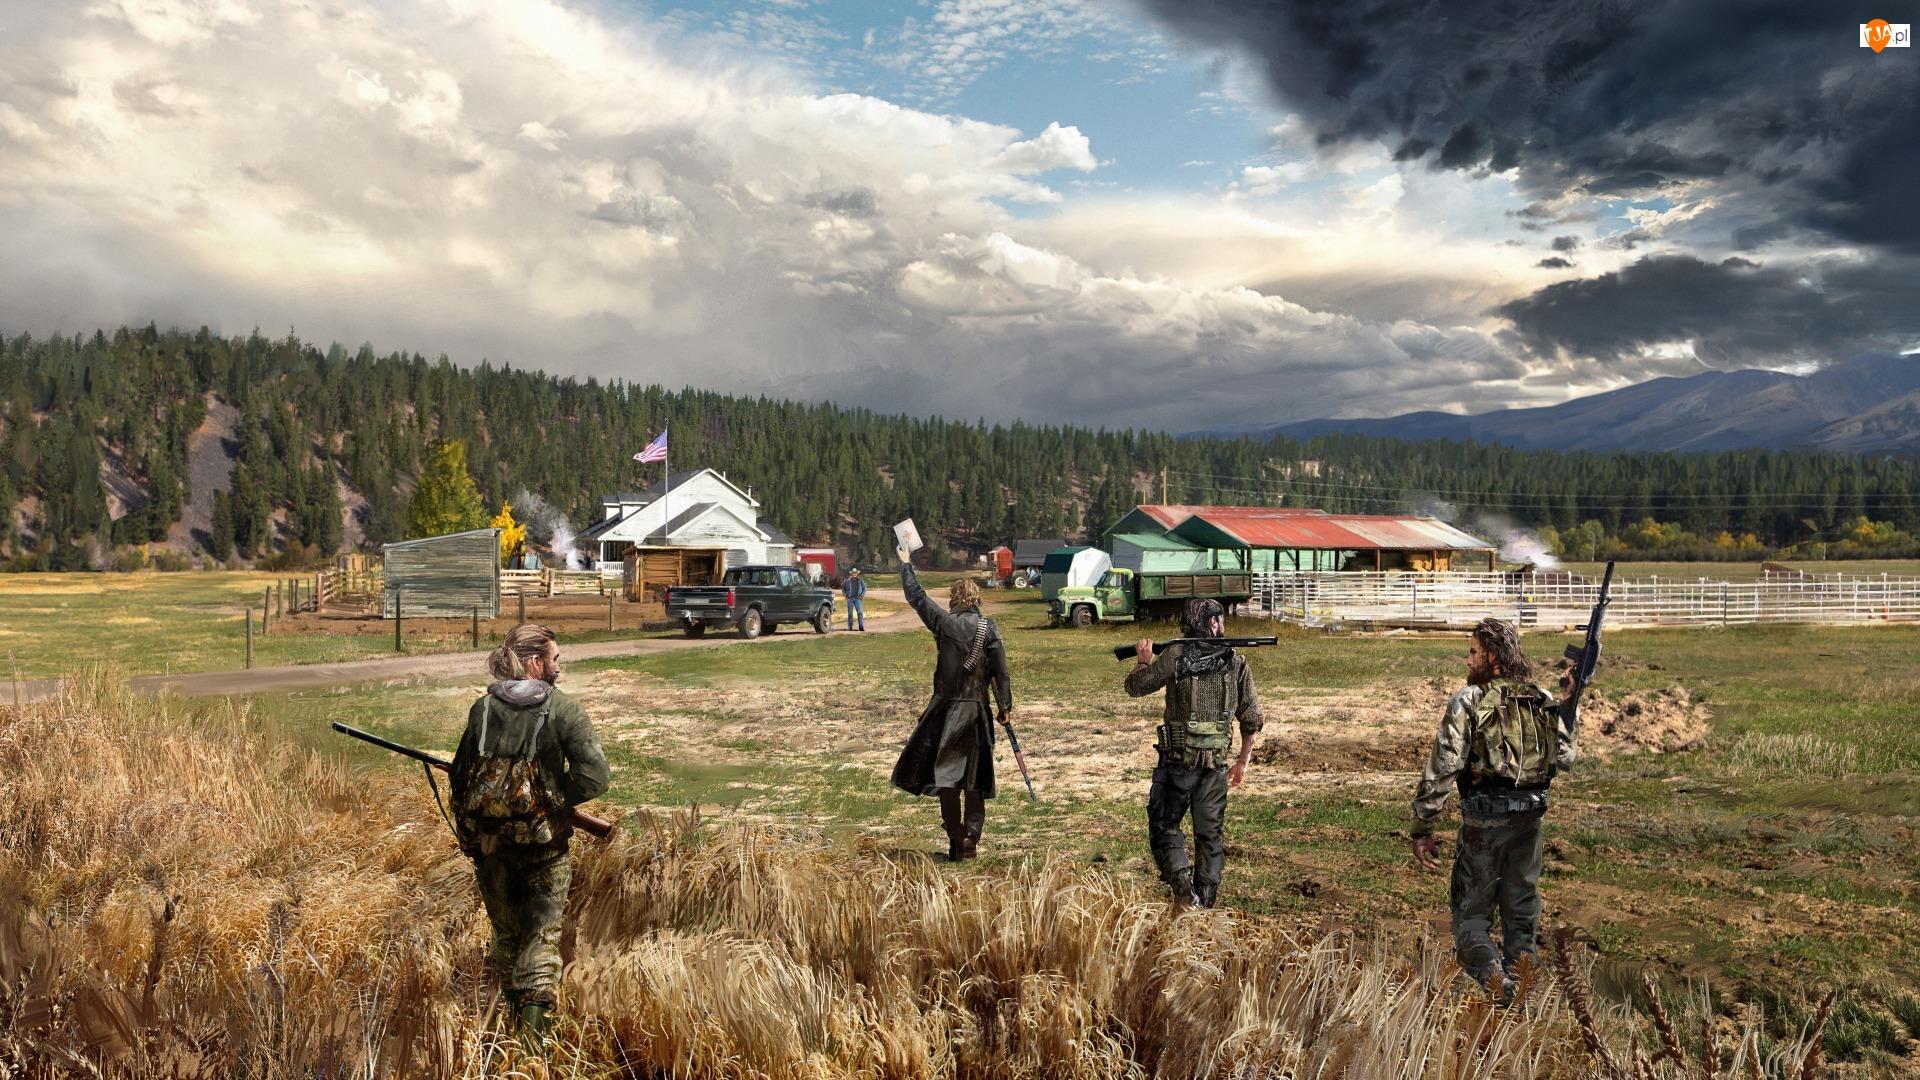 Drzewa, Gra, Farma, Far Cry 5, Żołnierze